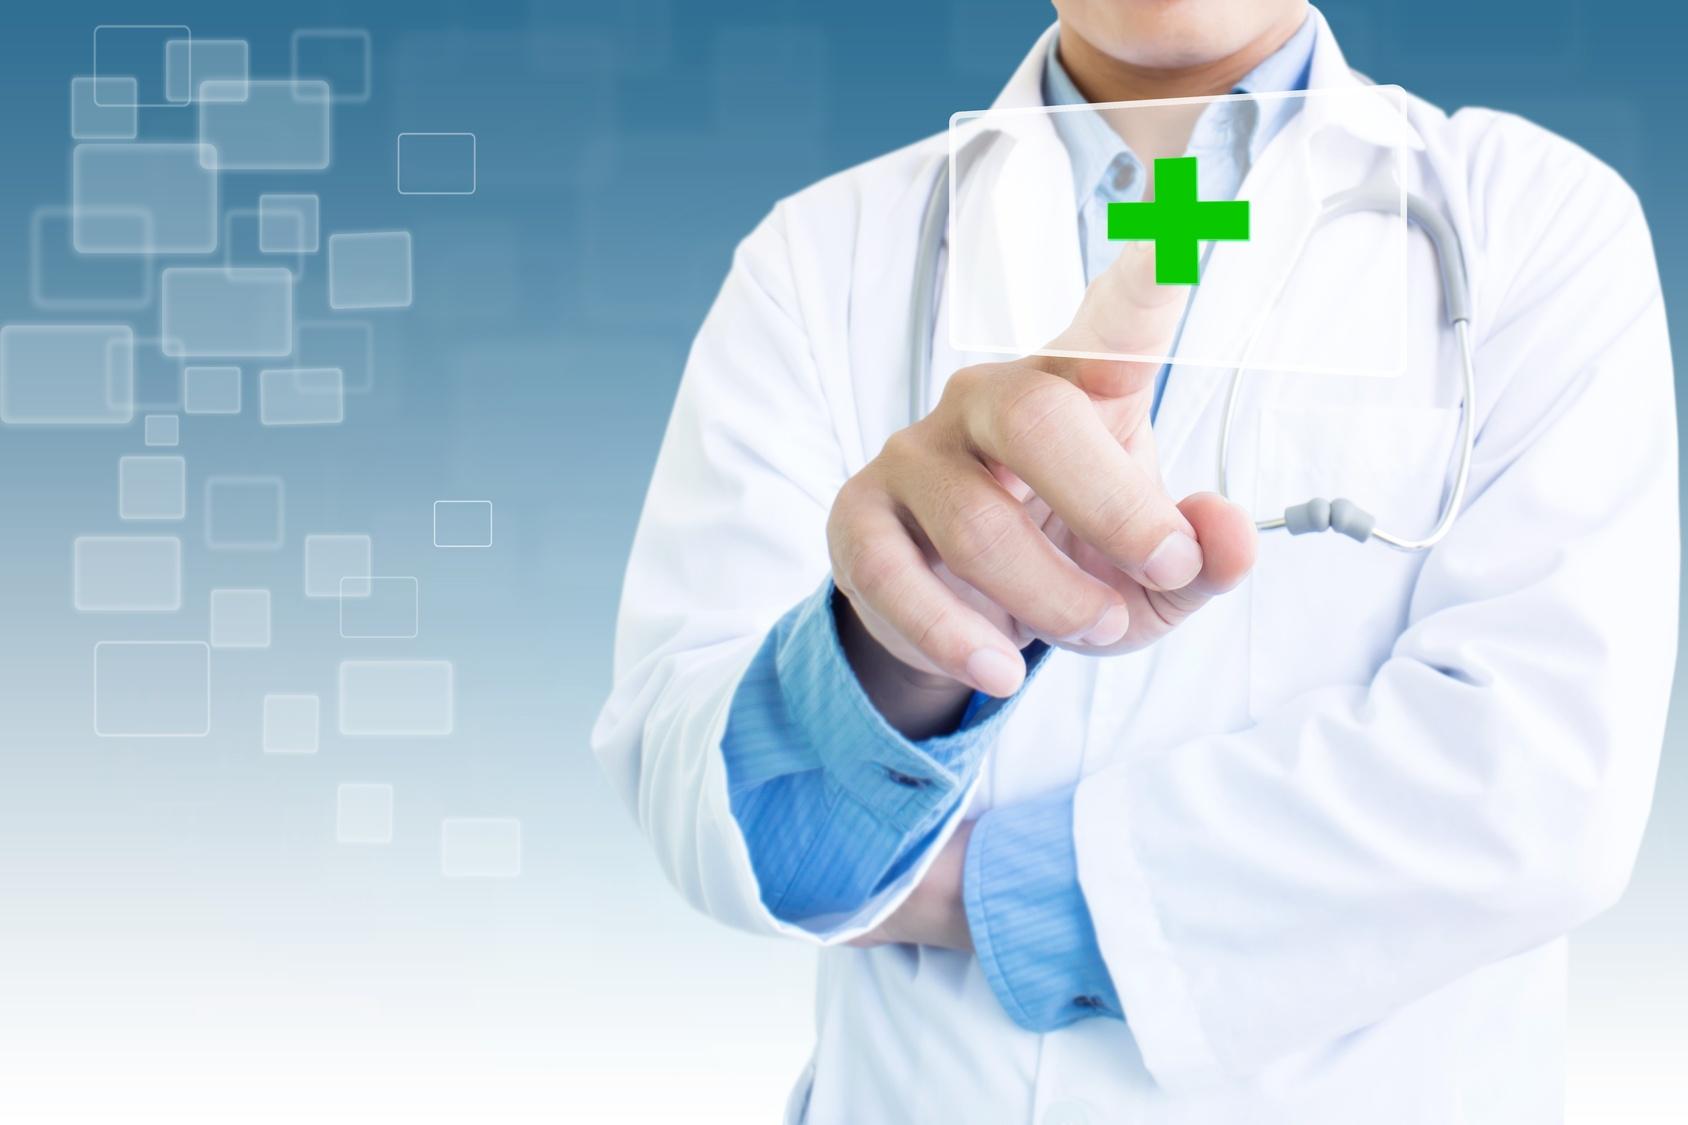 développement des pharmacies en ligne